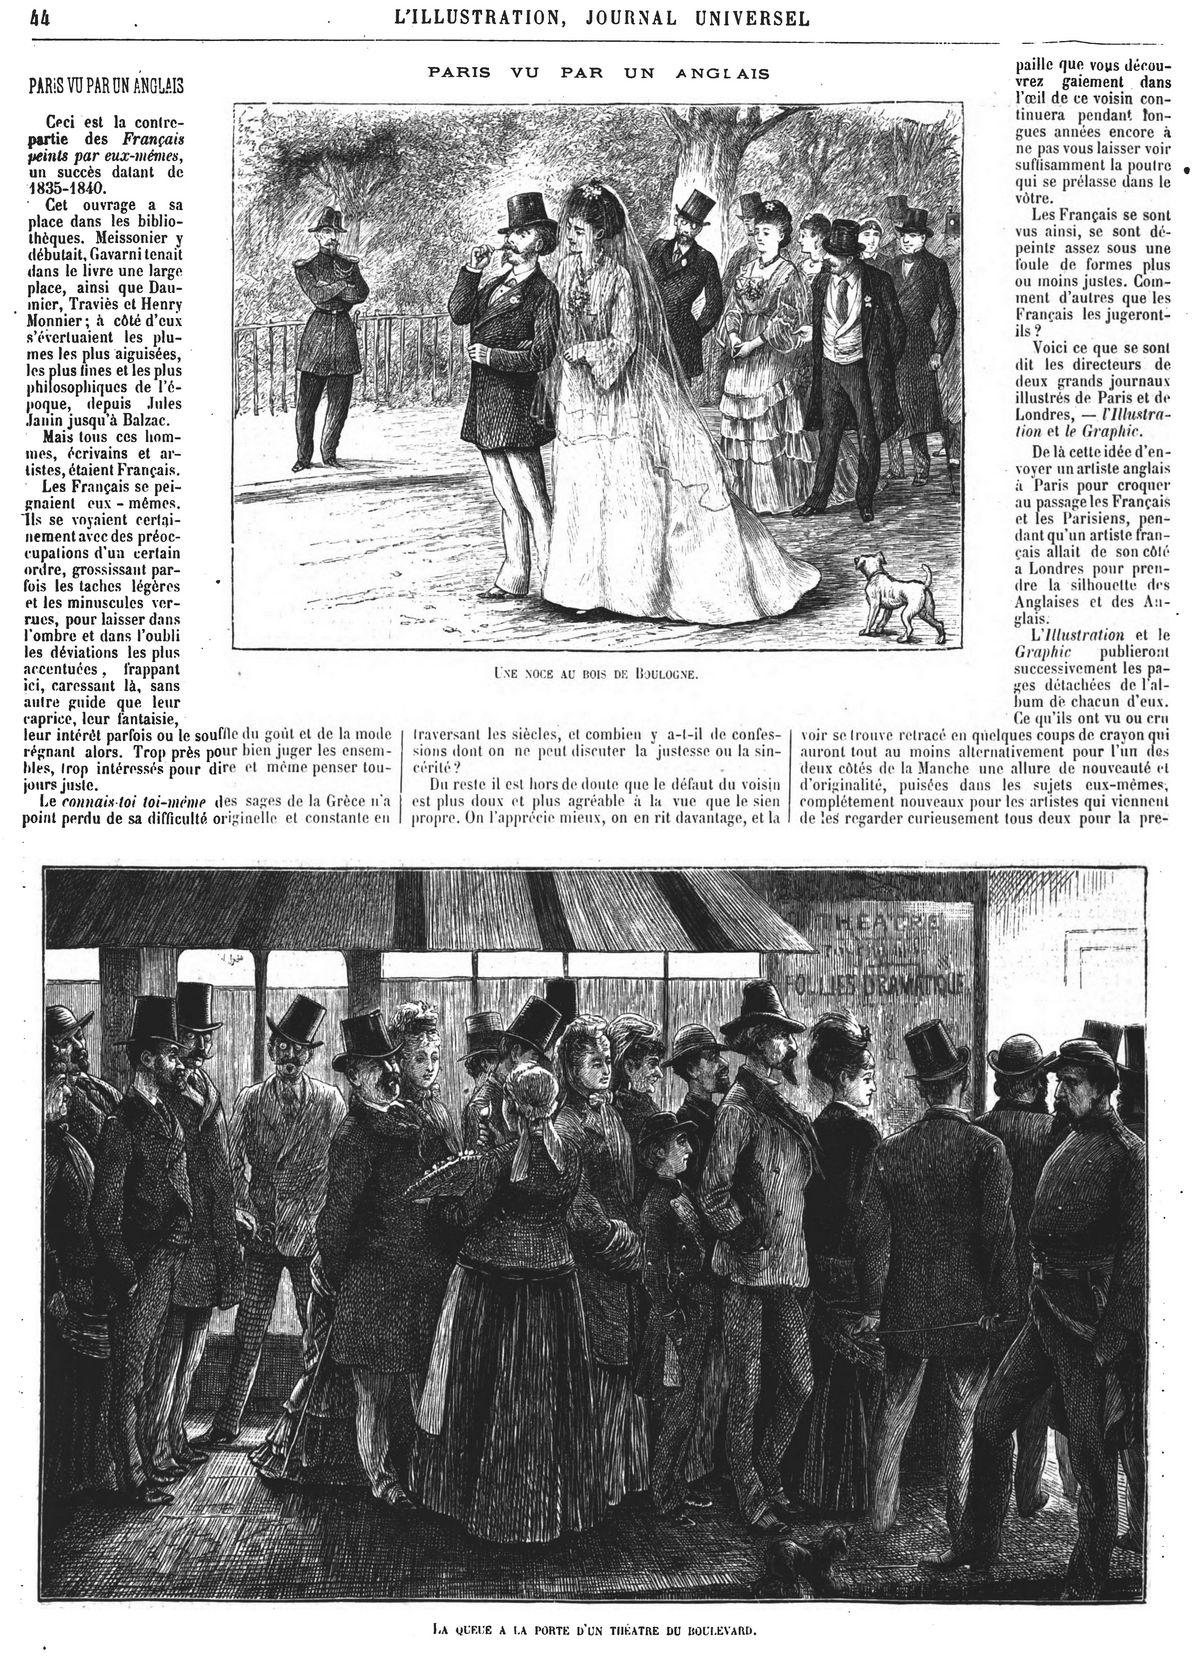 Paris vu par un Anglais : Une noce au bois de Boulogne;La queue à la porte d'un théâtre du boulevard ; Un café restaurant;Les soldats de l'avenir ; Les soldats du passé.